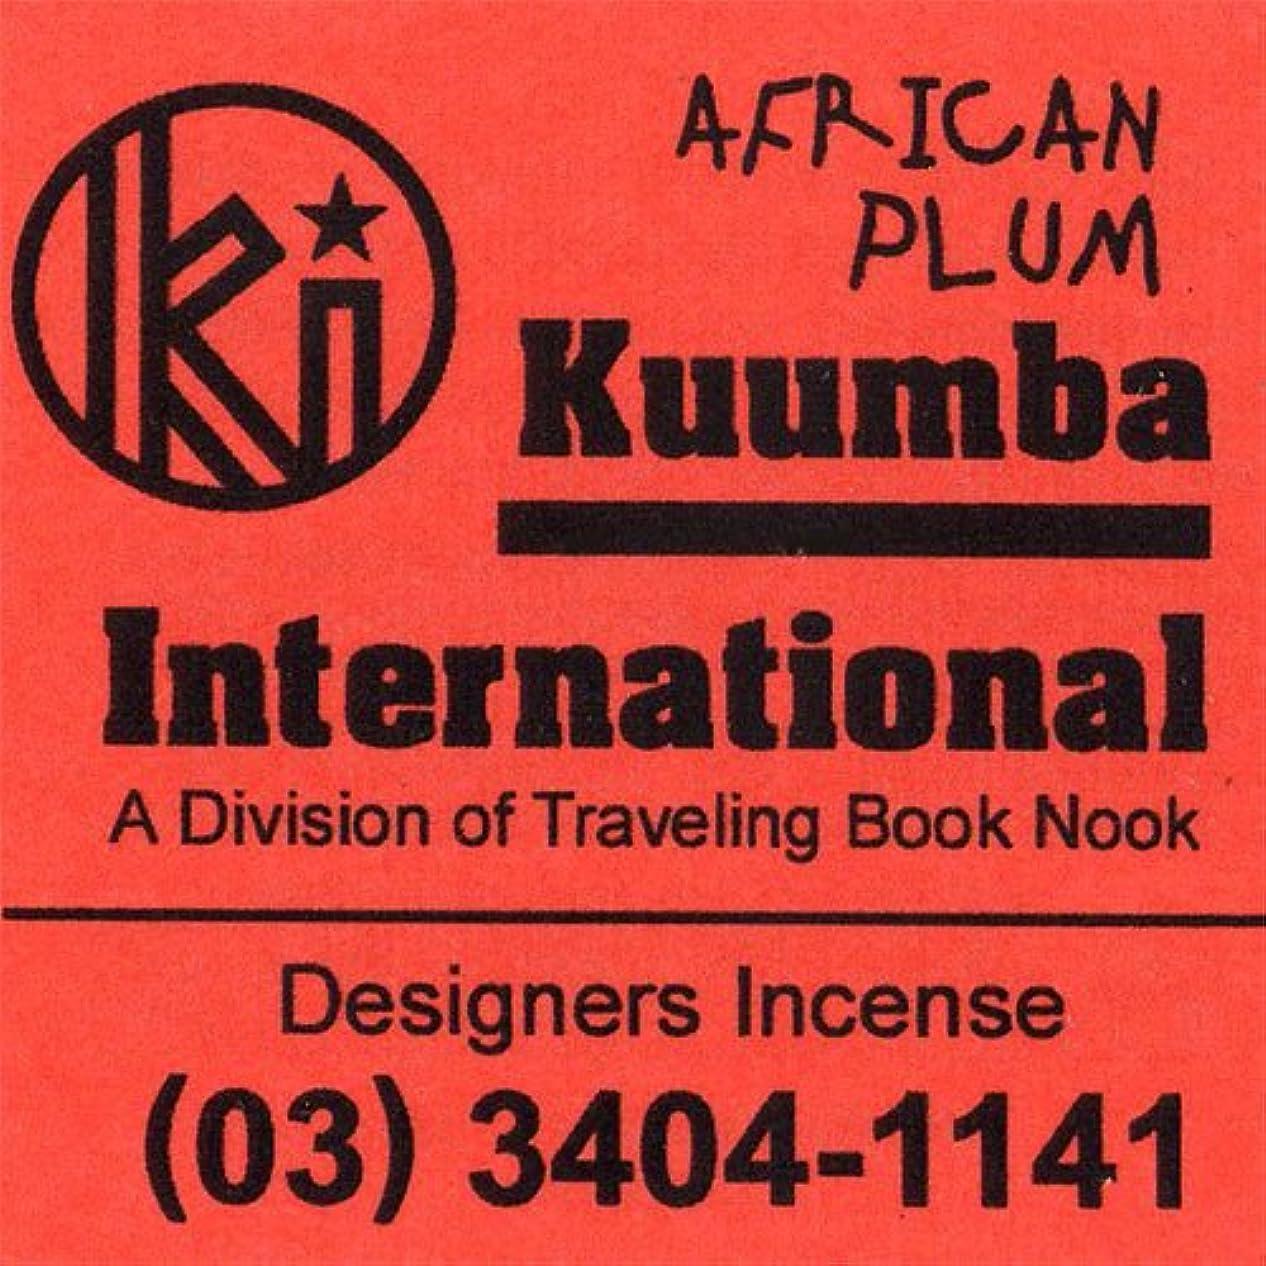 メイエラローラークレーターKUUMBA / クンバ『incense』(AFRICAN PLUM) (Regular size)